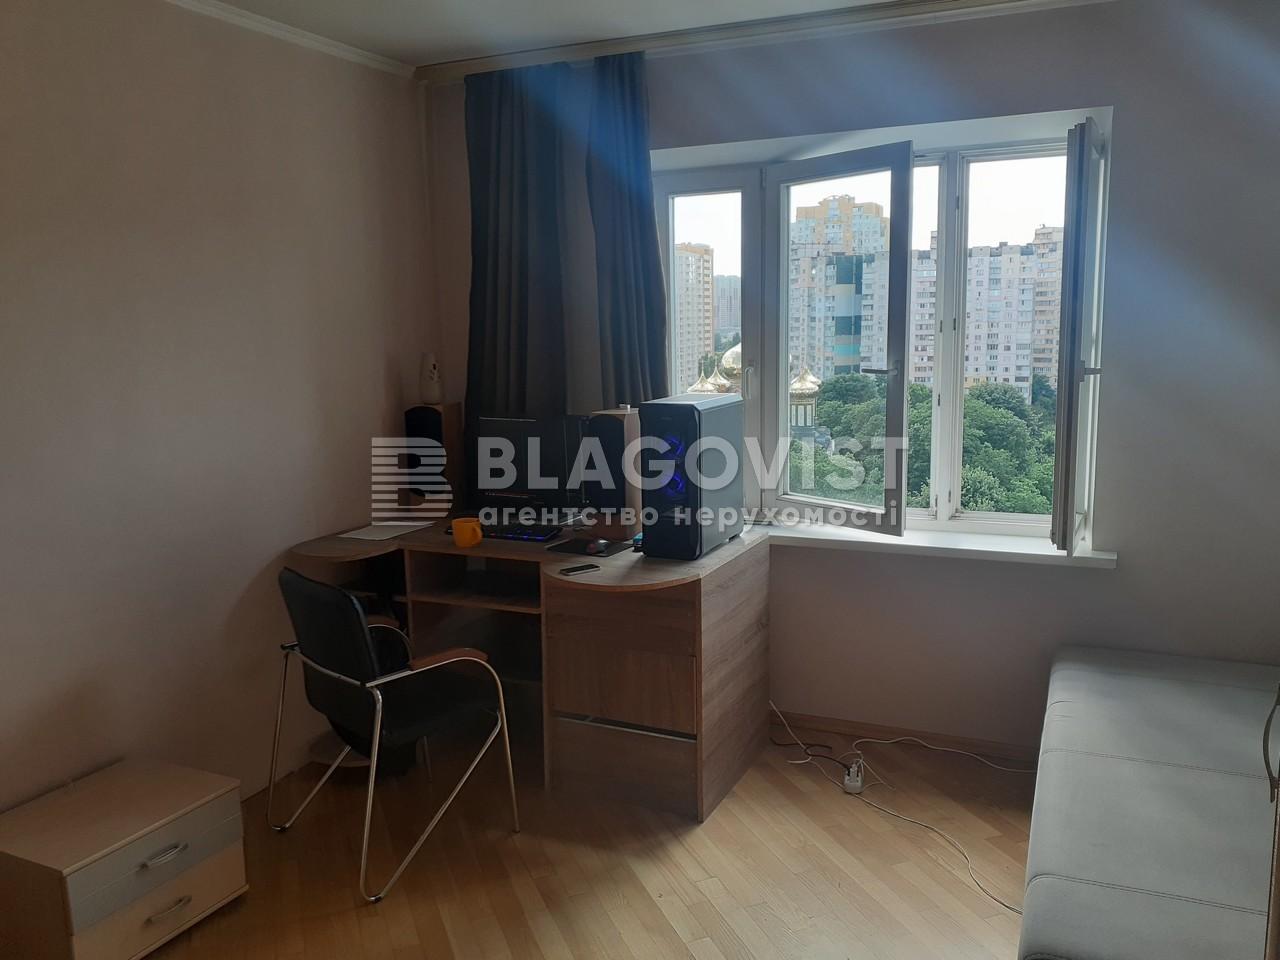 Квартира R-40425, Мостицкая, 10, Киев - Фото 4